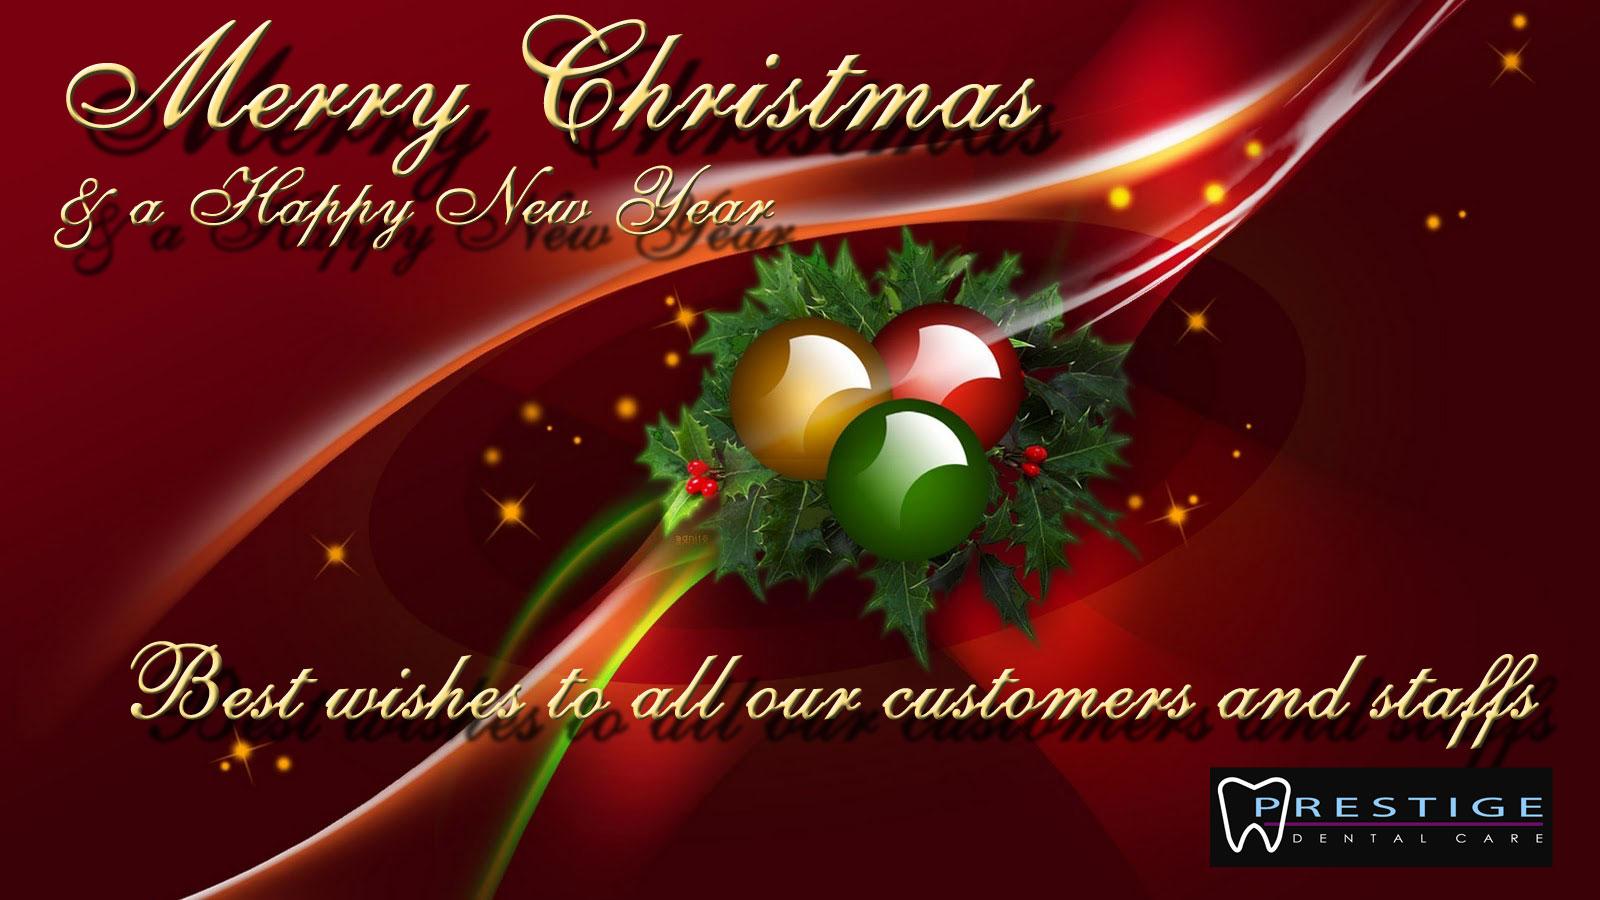 Christmas SMS 40 - Christmas SMS